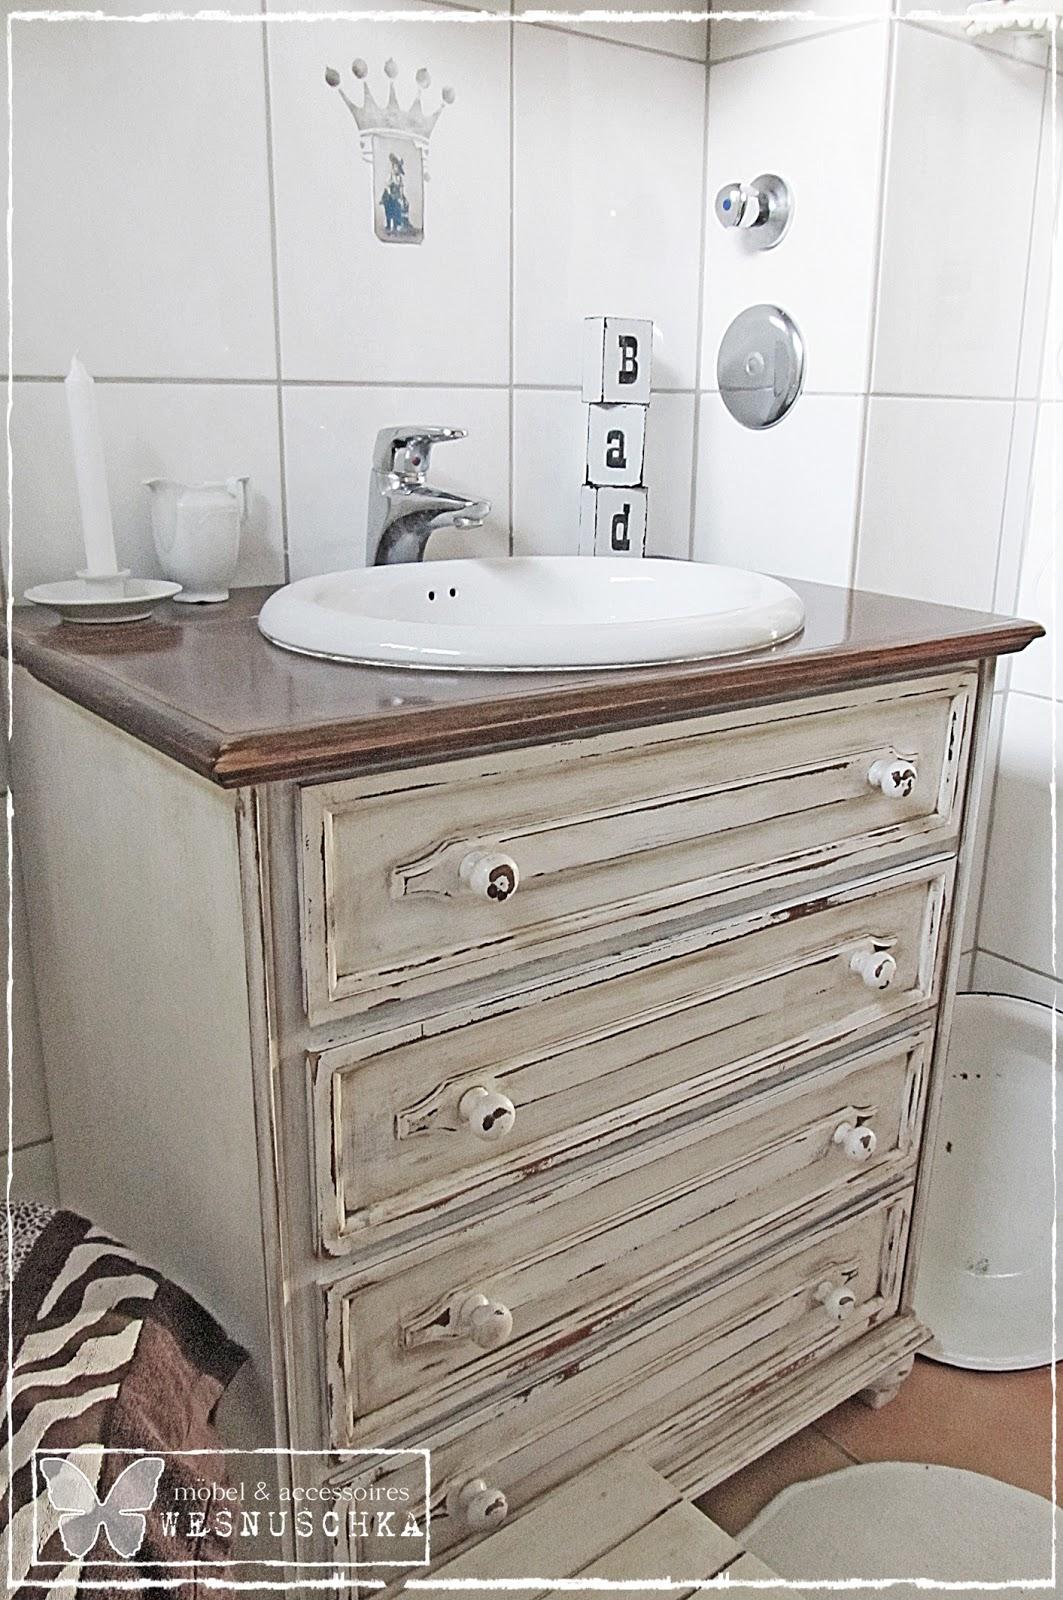 wesnyanka 2012. Black Bedroom Furniture Sets. Home Design Ideas